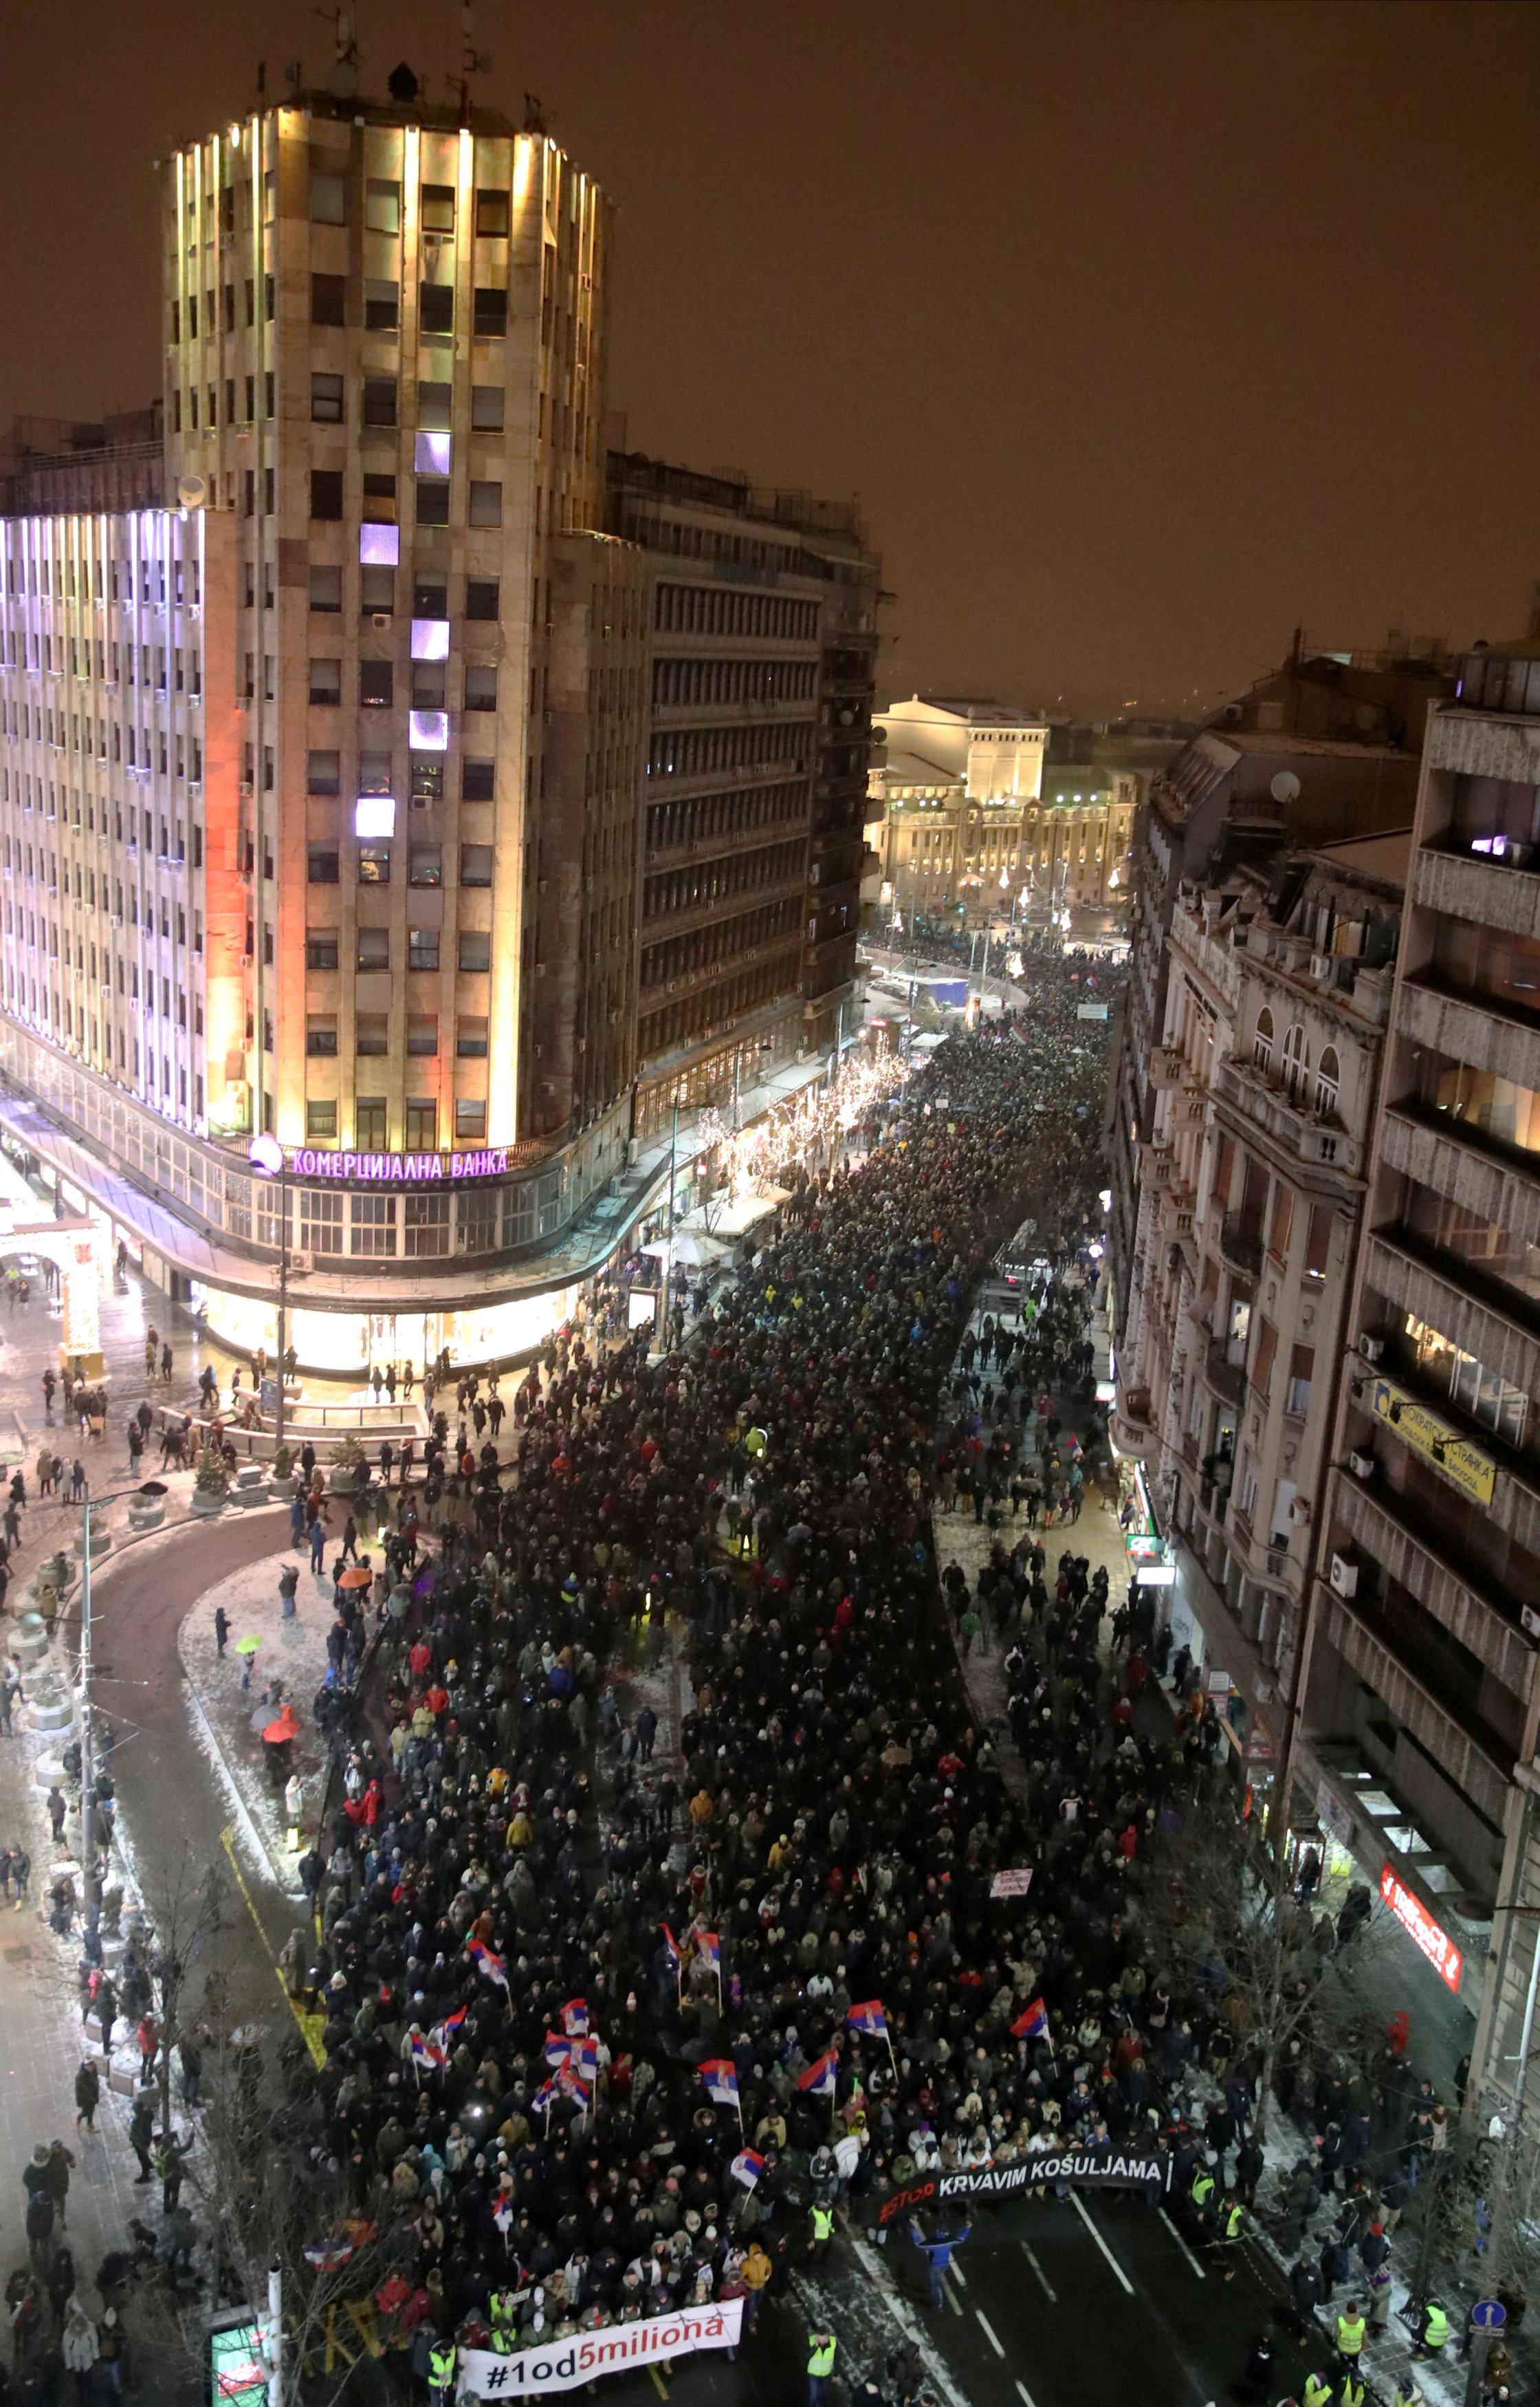 مظاهرات حاشدة فى شوارع بلجراد (4)